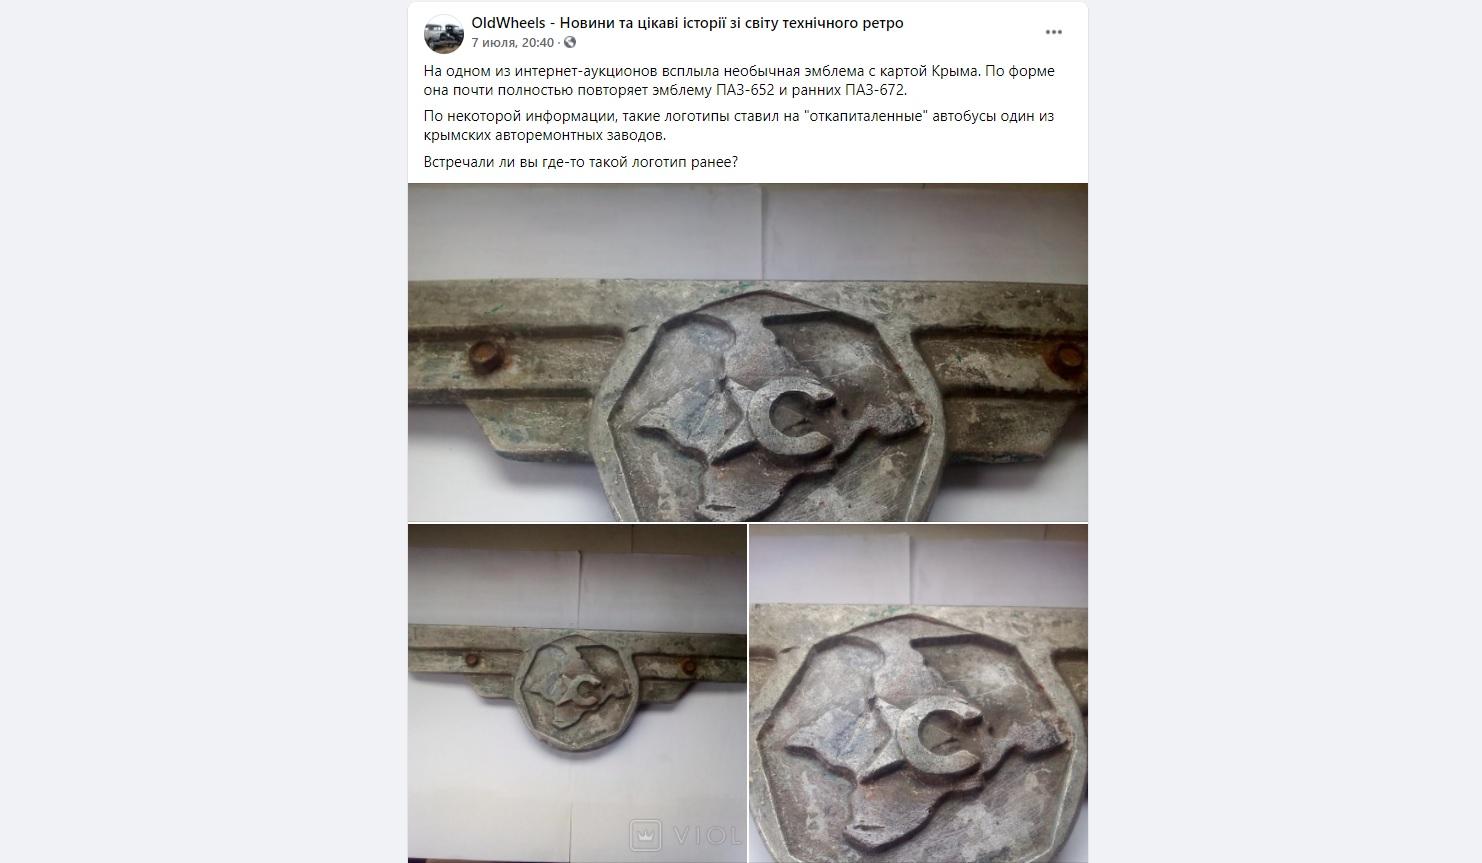 В сети показали автомобильную эмблему с изображением Крыма 1